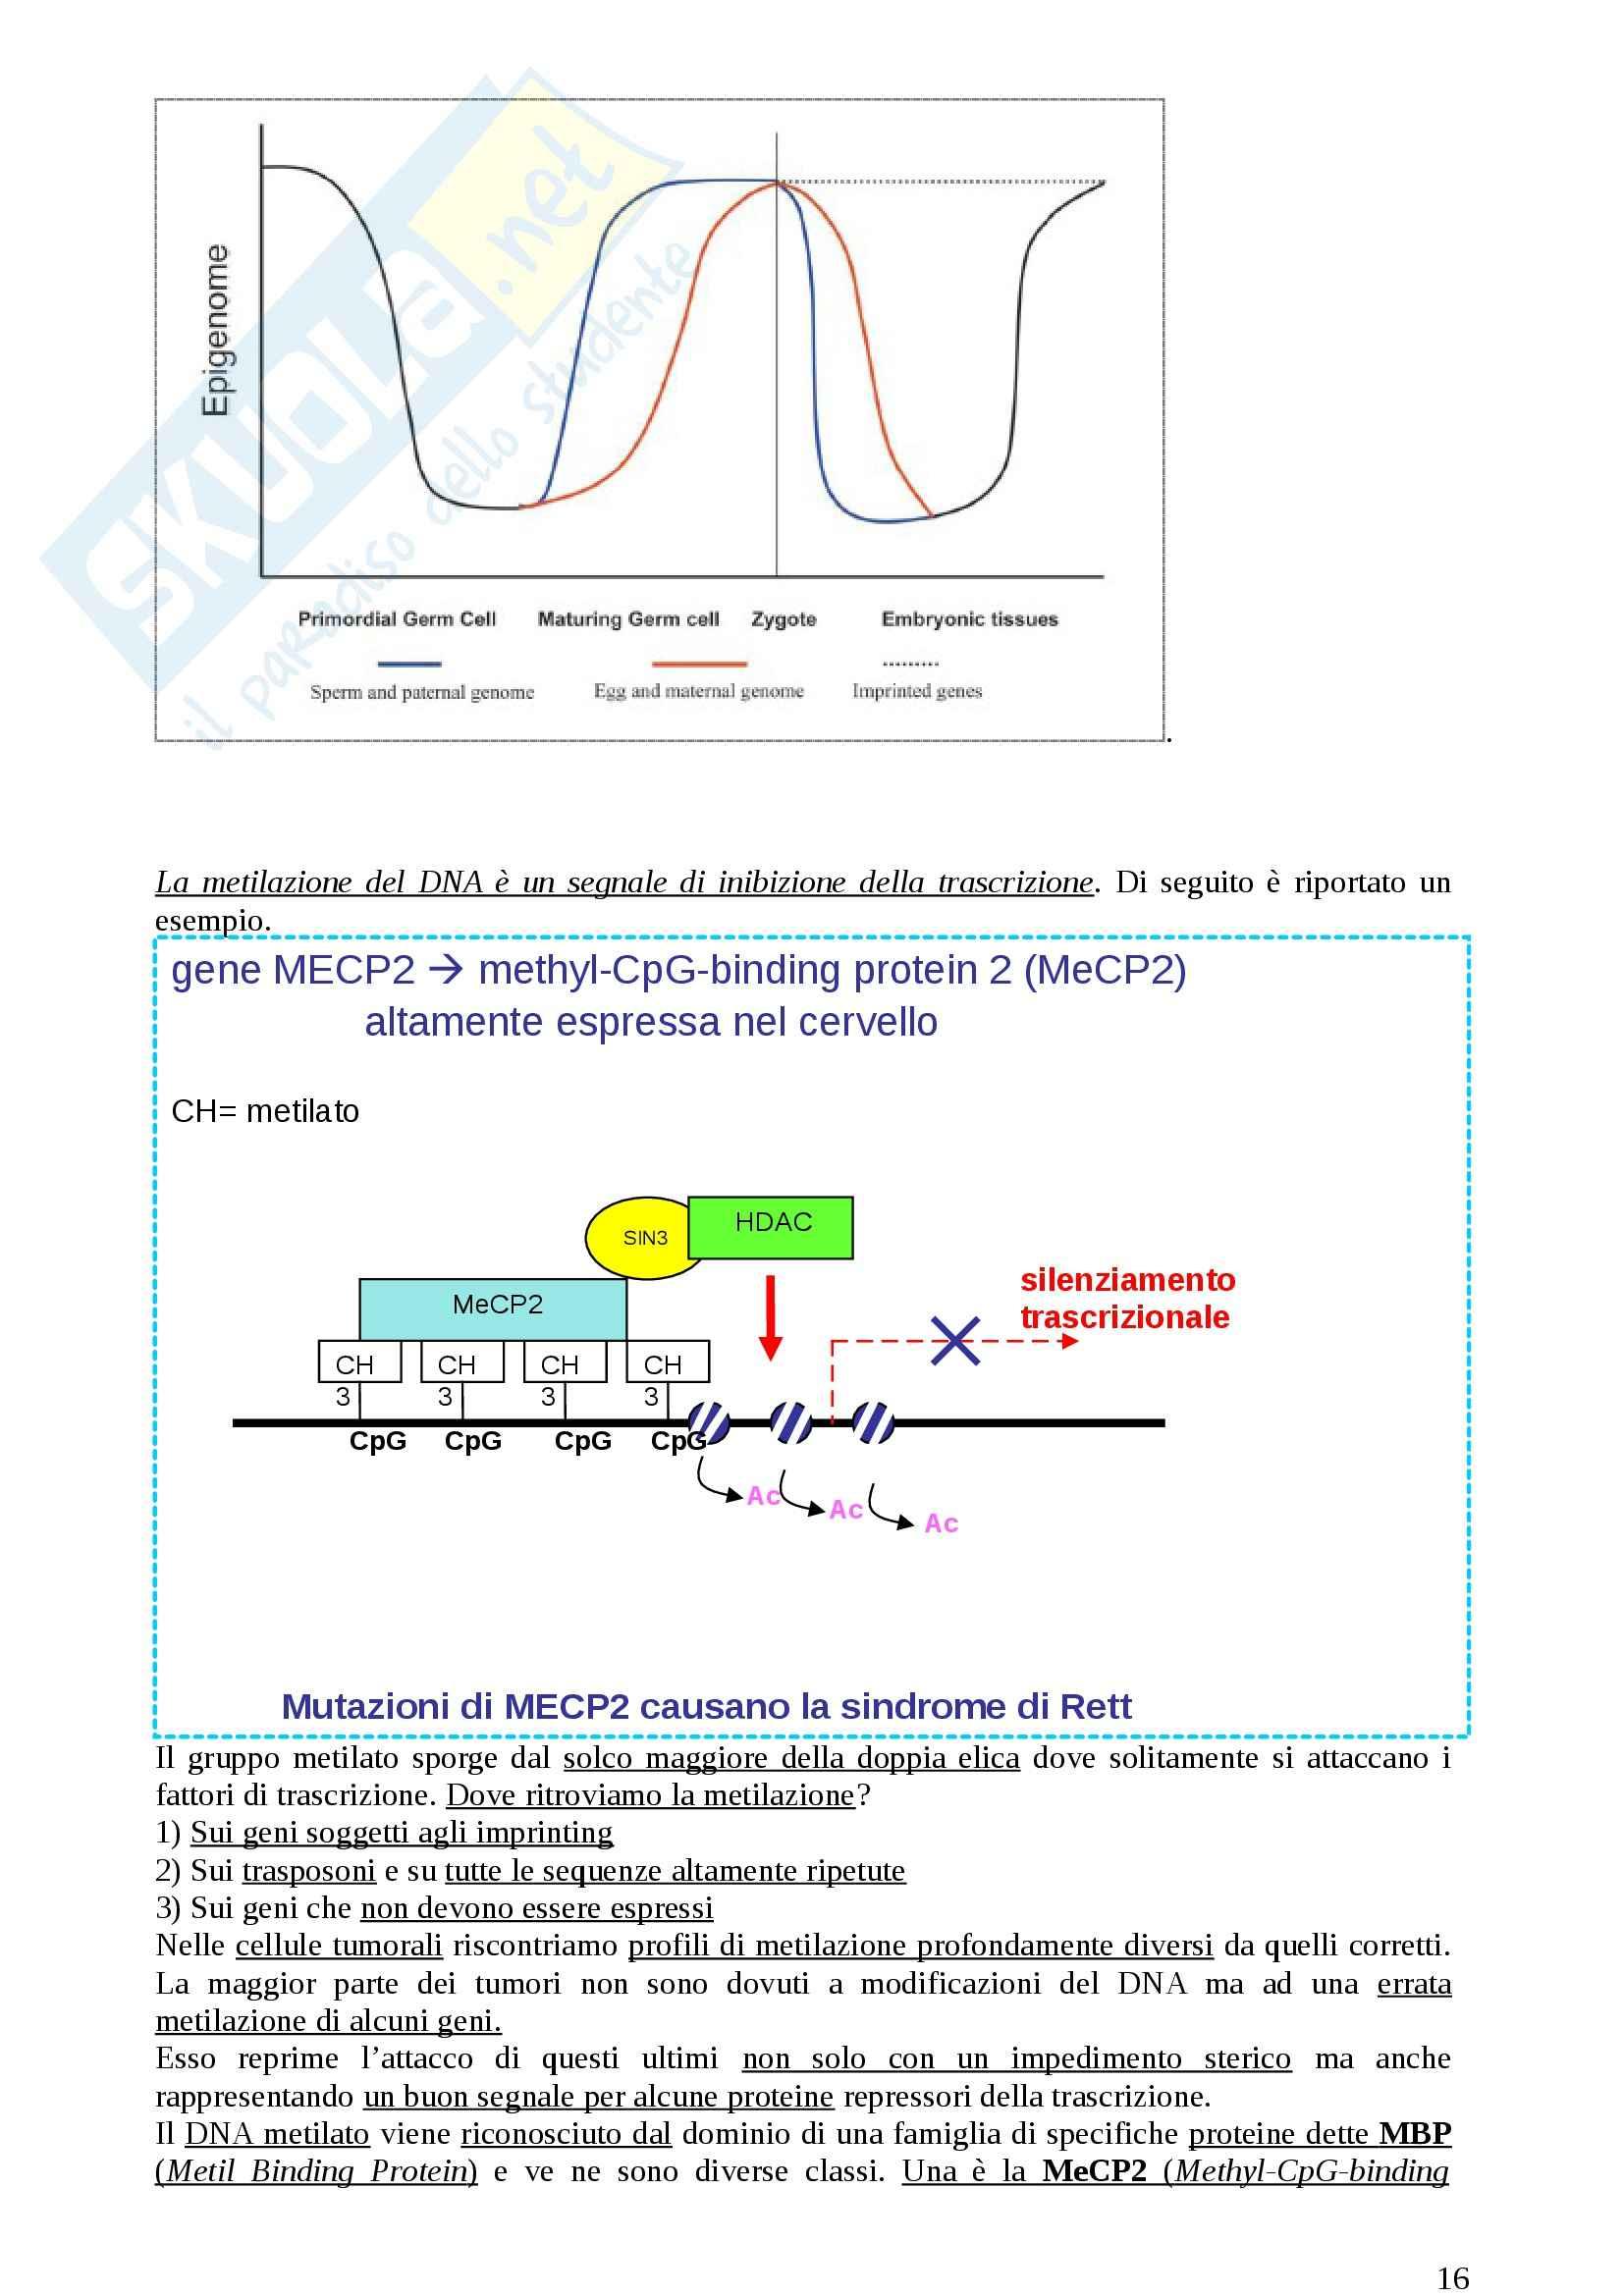 Lezioni, Genetica medica Pag. 16